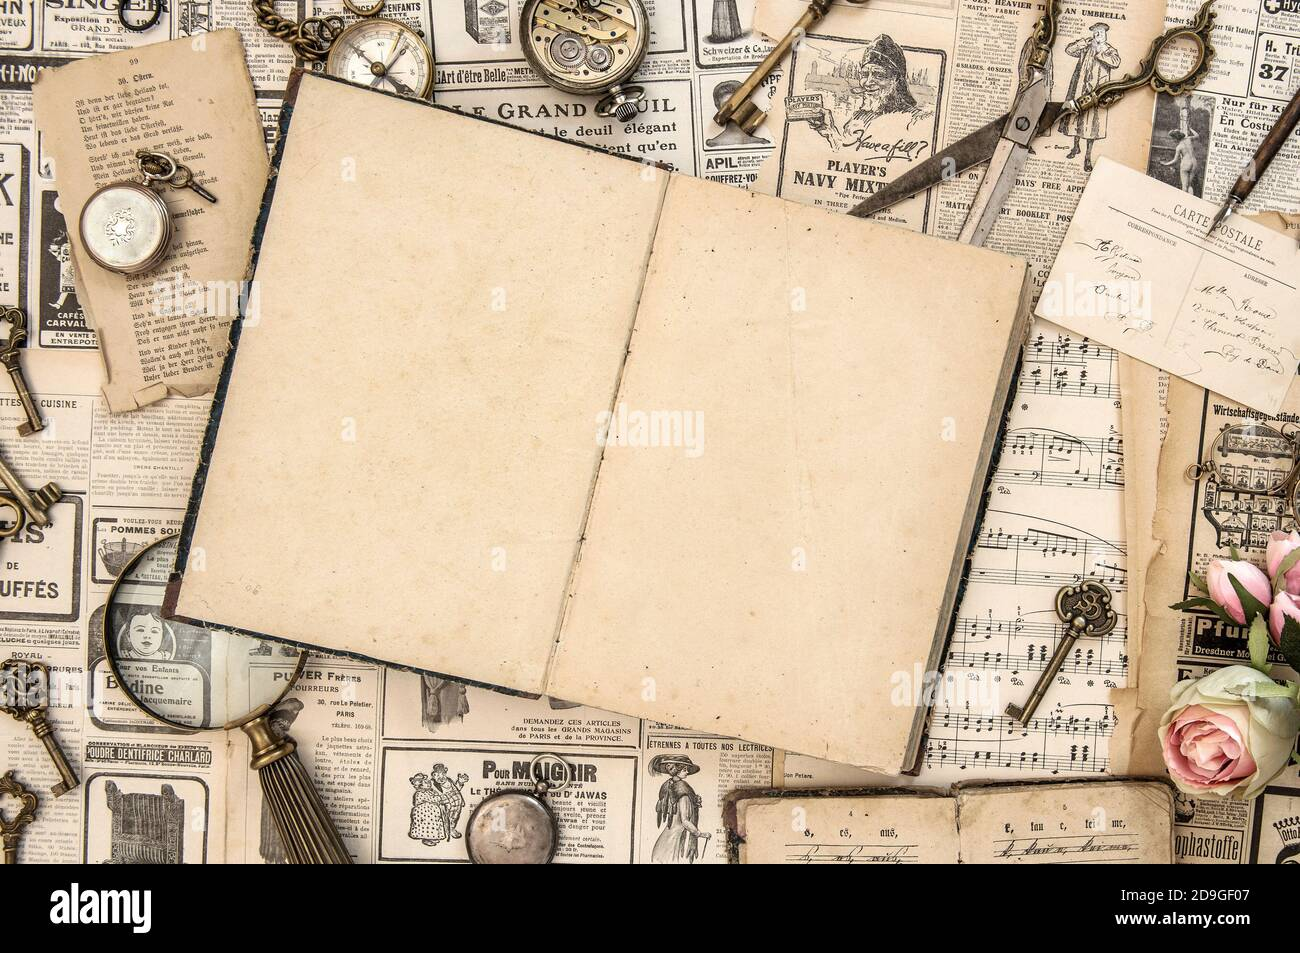 Livre ouvert et produits d'époque. Fond de maquette papier Banque D'Images